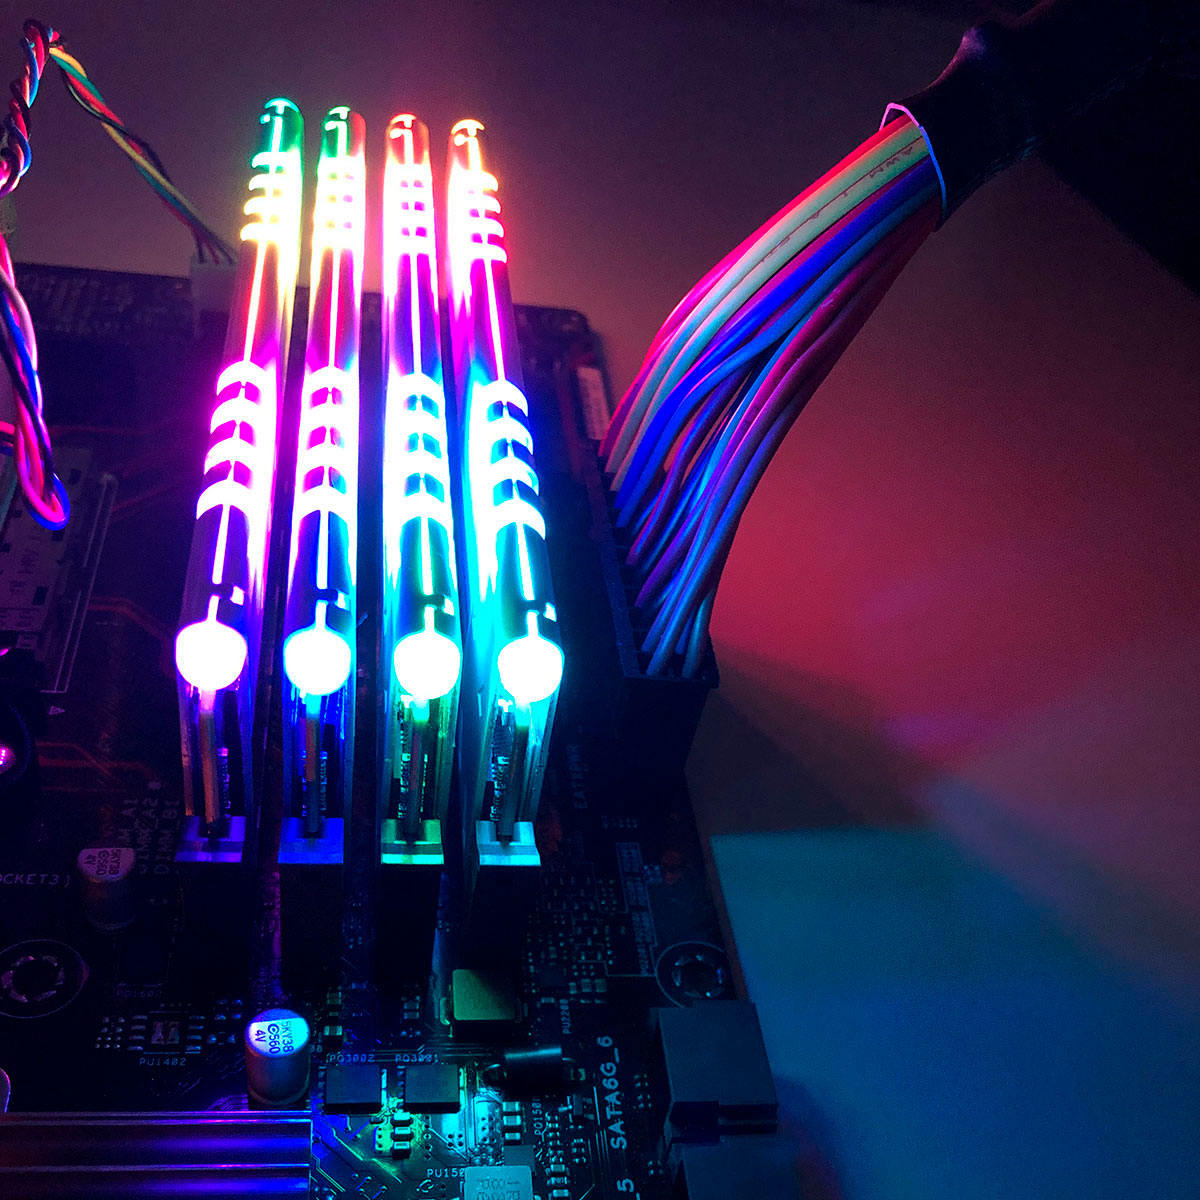 Memória Gamer 16GB Best Memory Highlander RGB, DDR4, 3200MHz - BT-D4-16G-3200DW-RGB - Branca